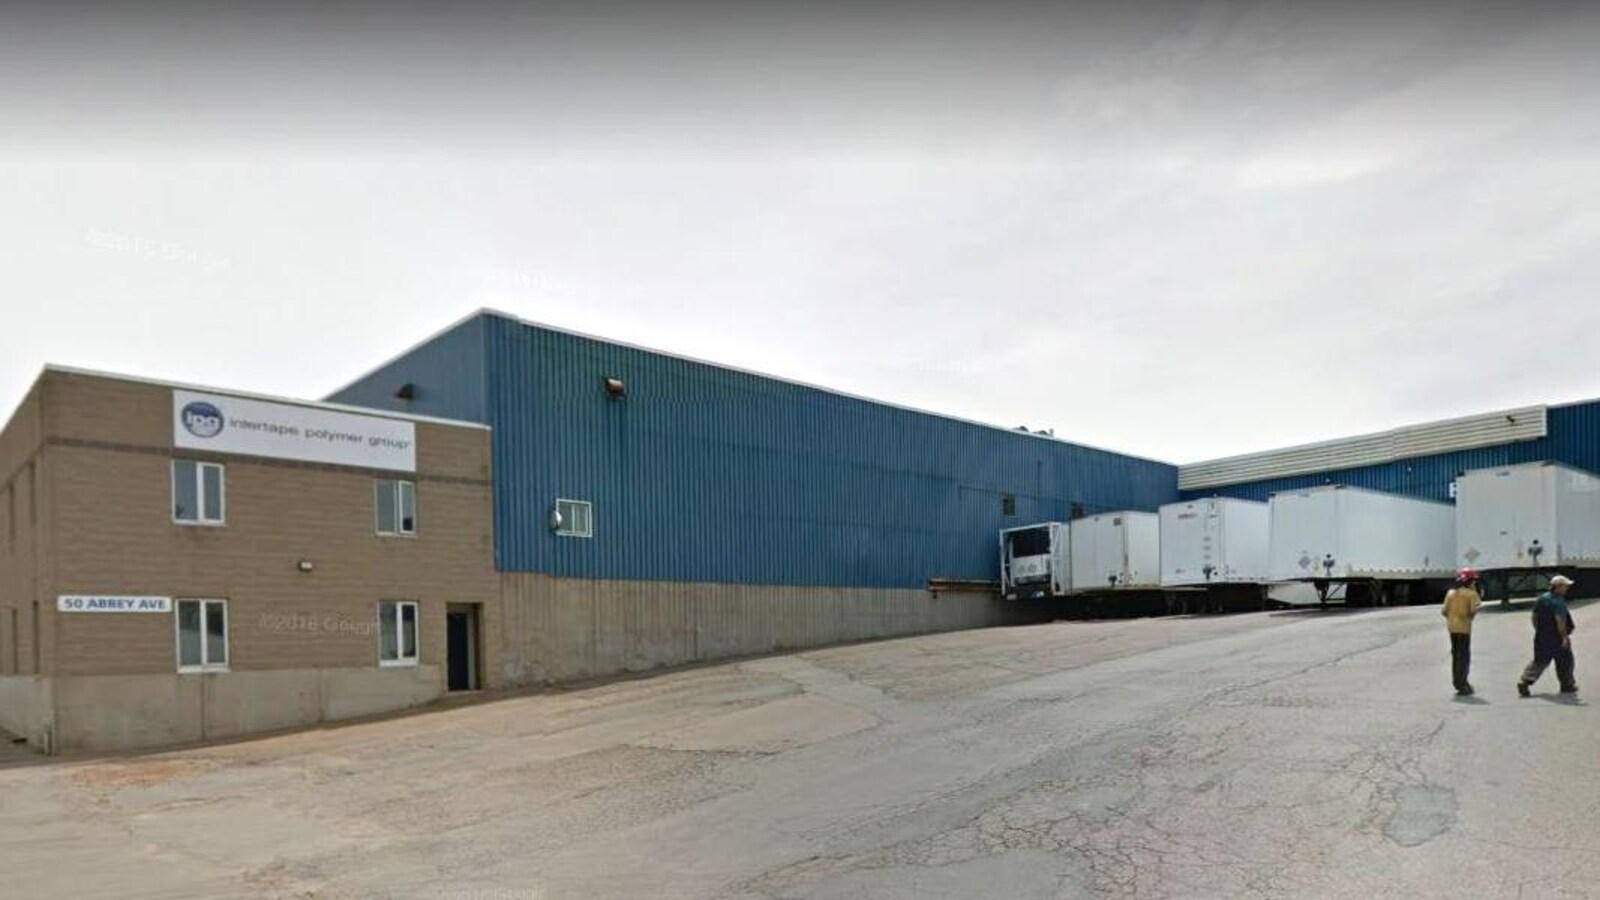 Photo de l'usine Intertape Polymer Group sur Google Street View en juillet 2015.